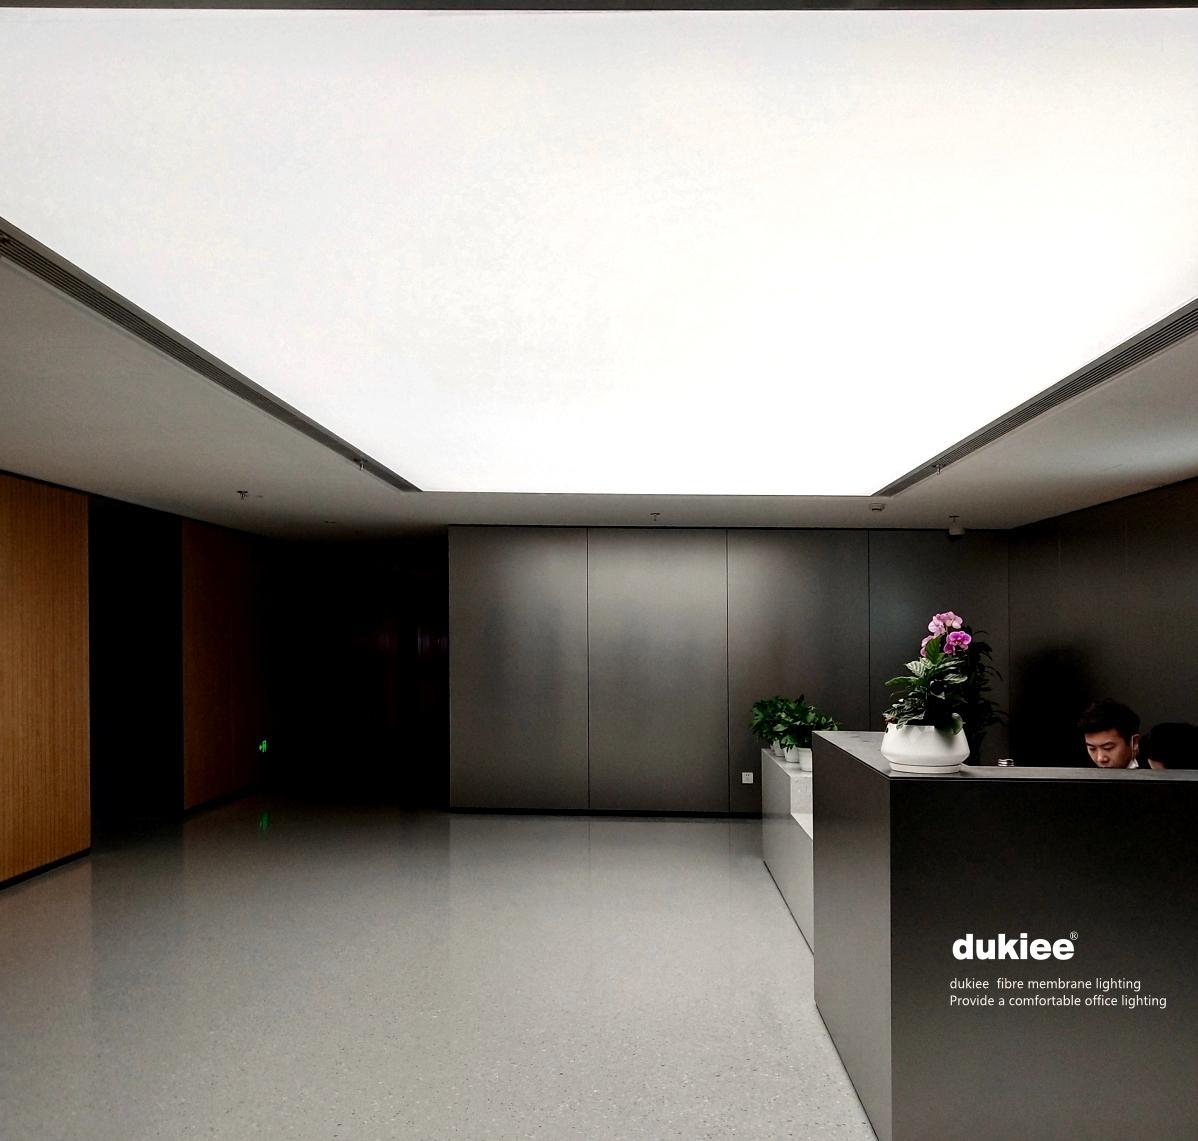 杜基燈光膜 dukiee 4